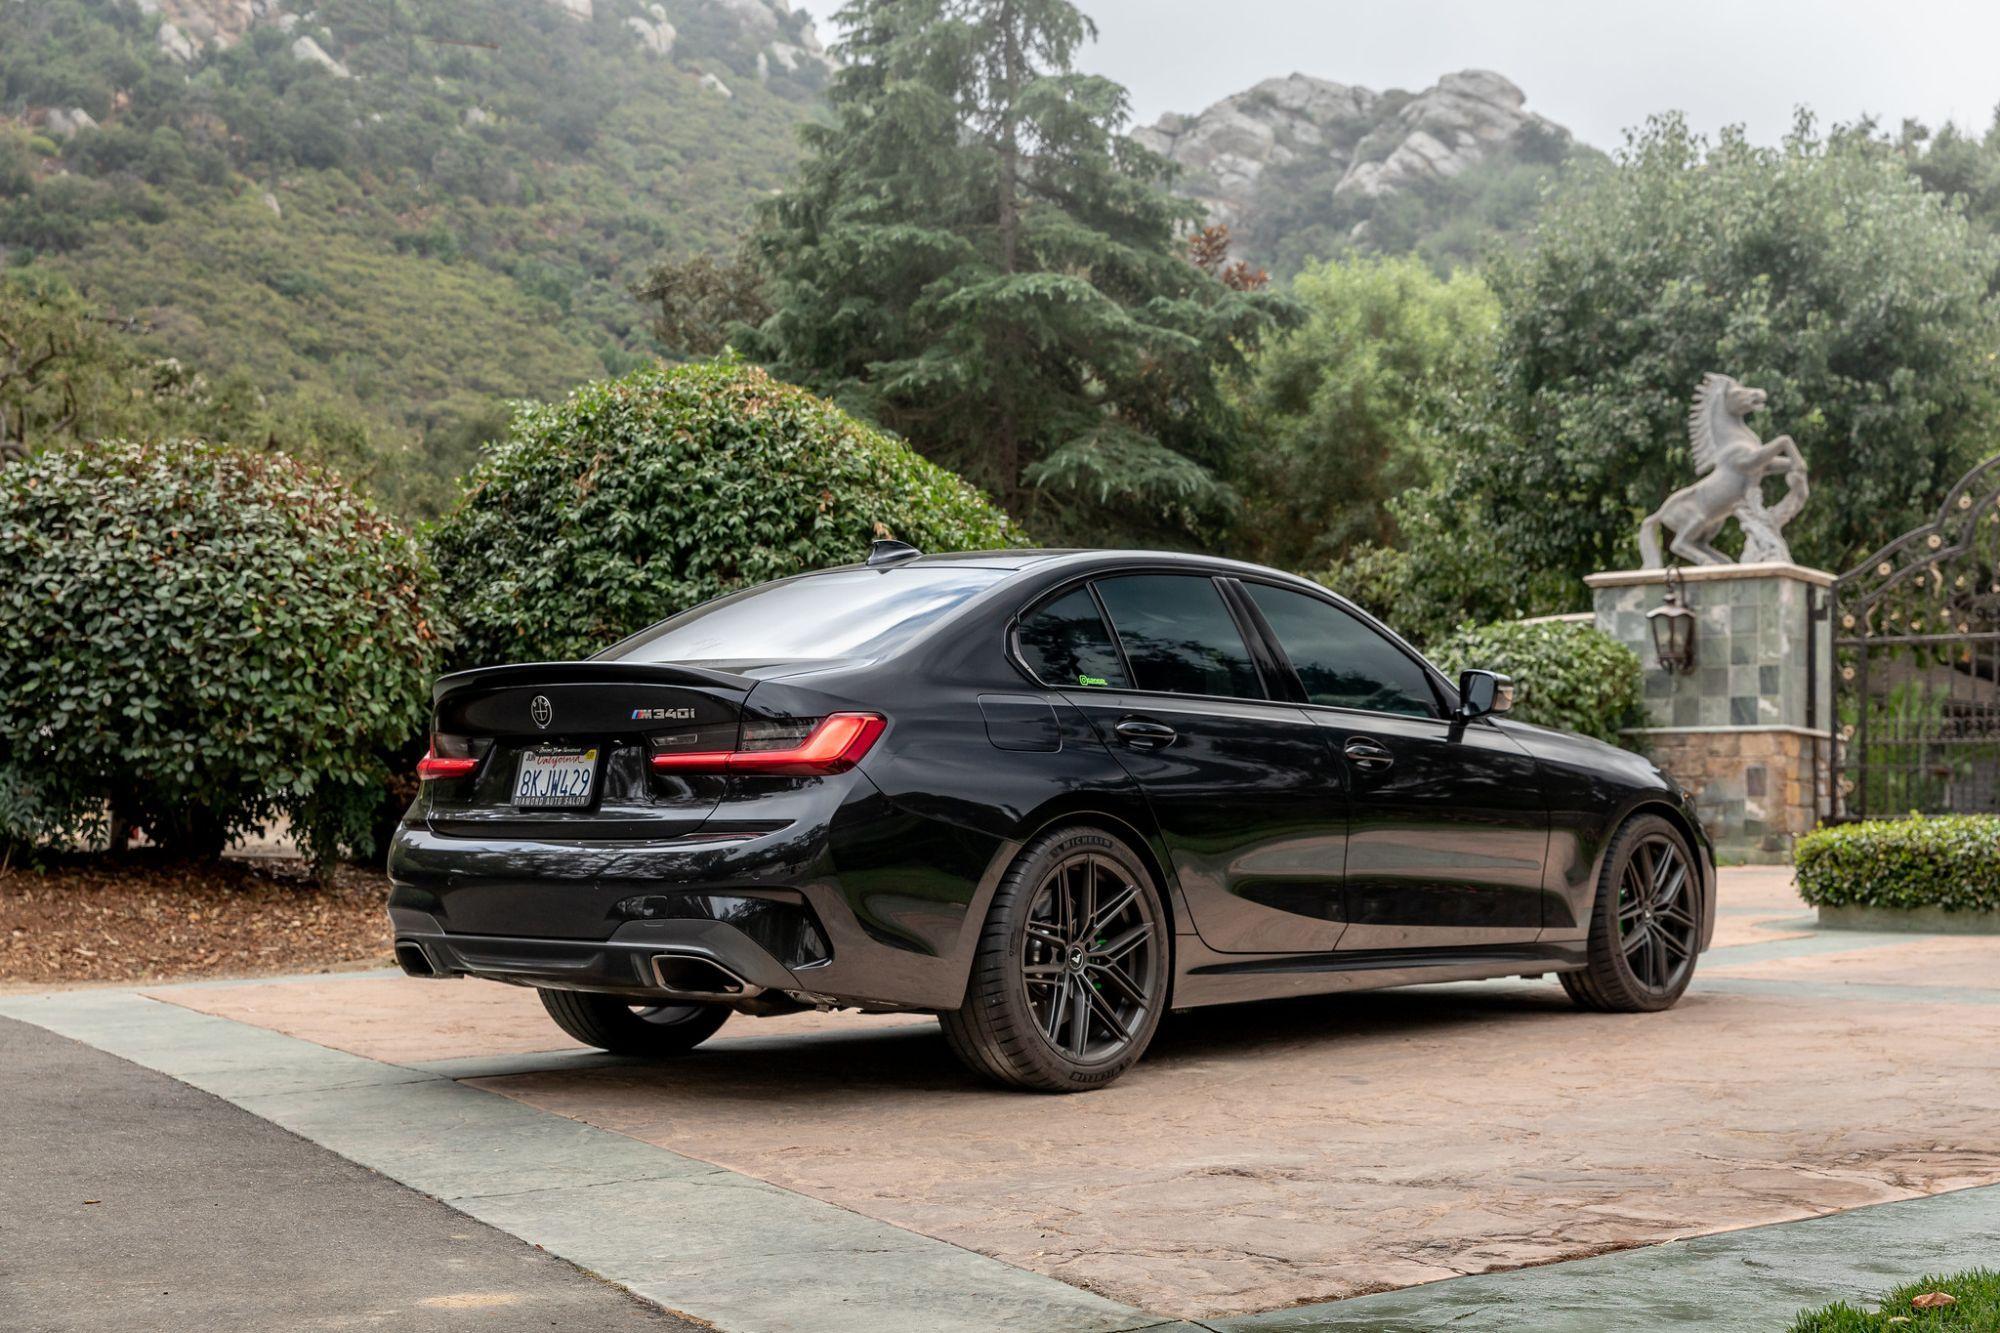 Bmw 3 Series M340i G20 Black With Vorsteiner V Ff 112 Aftermarket Wheels Wheel Frontbmw 3 Series M340i G20 Black With Vorstei In 2020 Bmw Bmw 3 Series Bmw Car Models